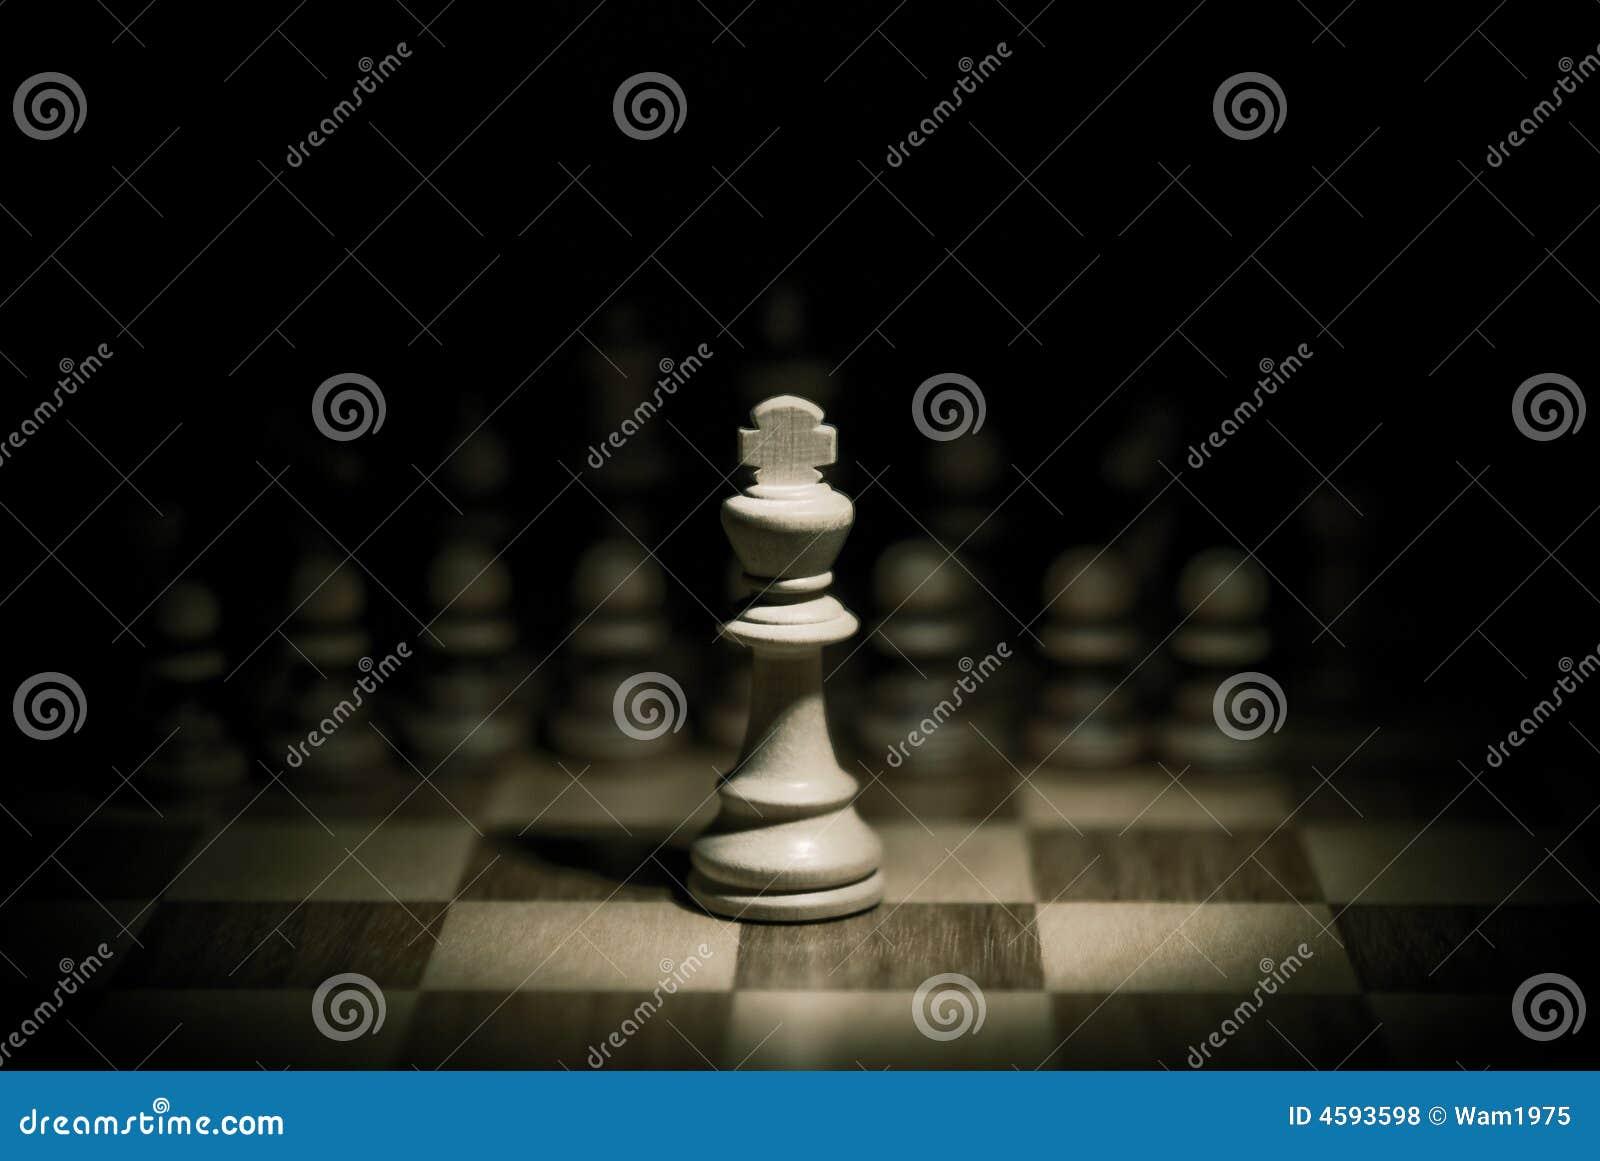 король шахмат